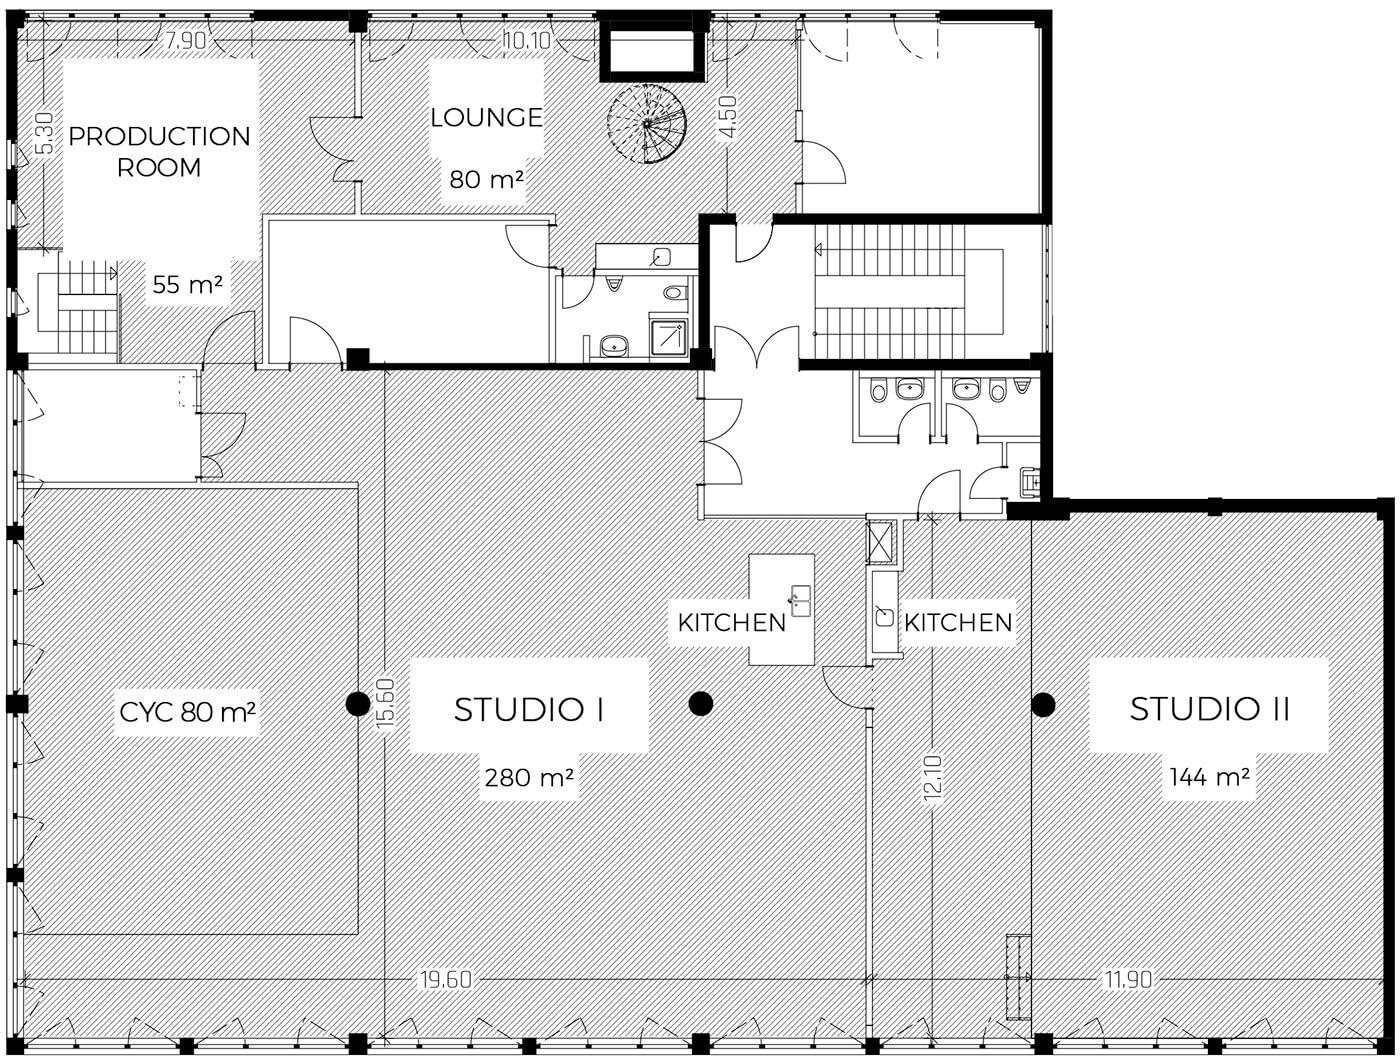 floor plan - raw studios.